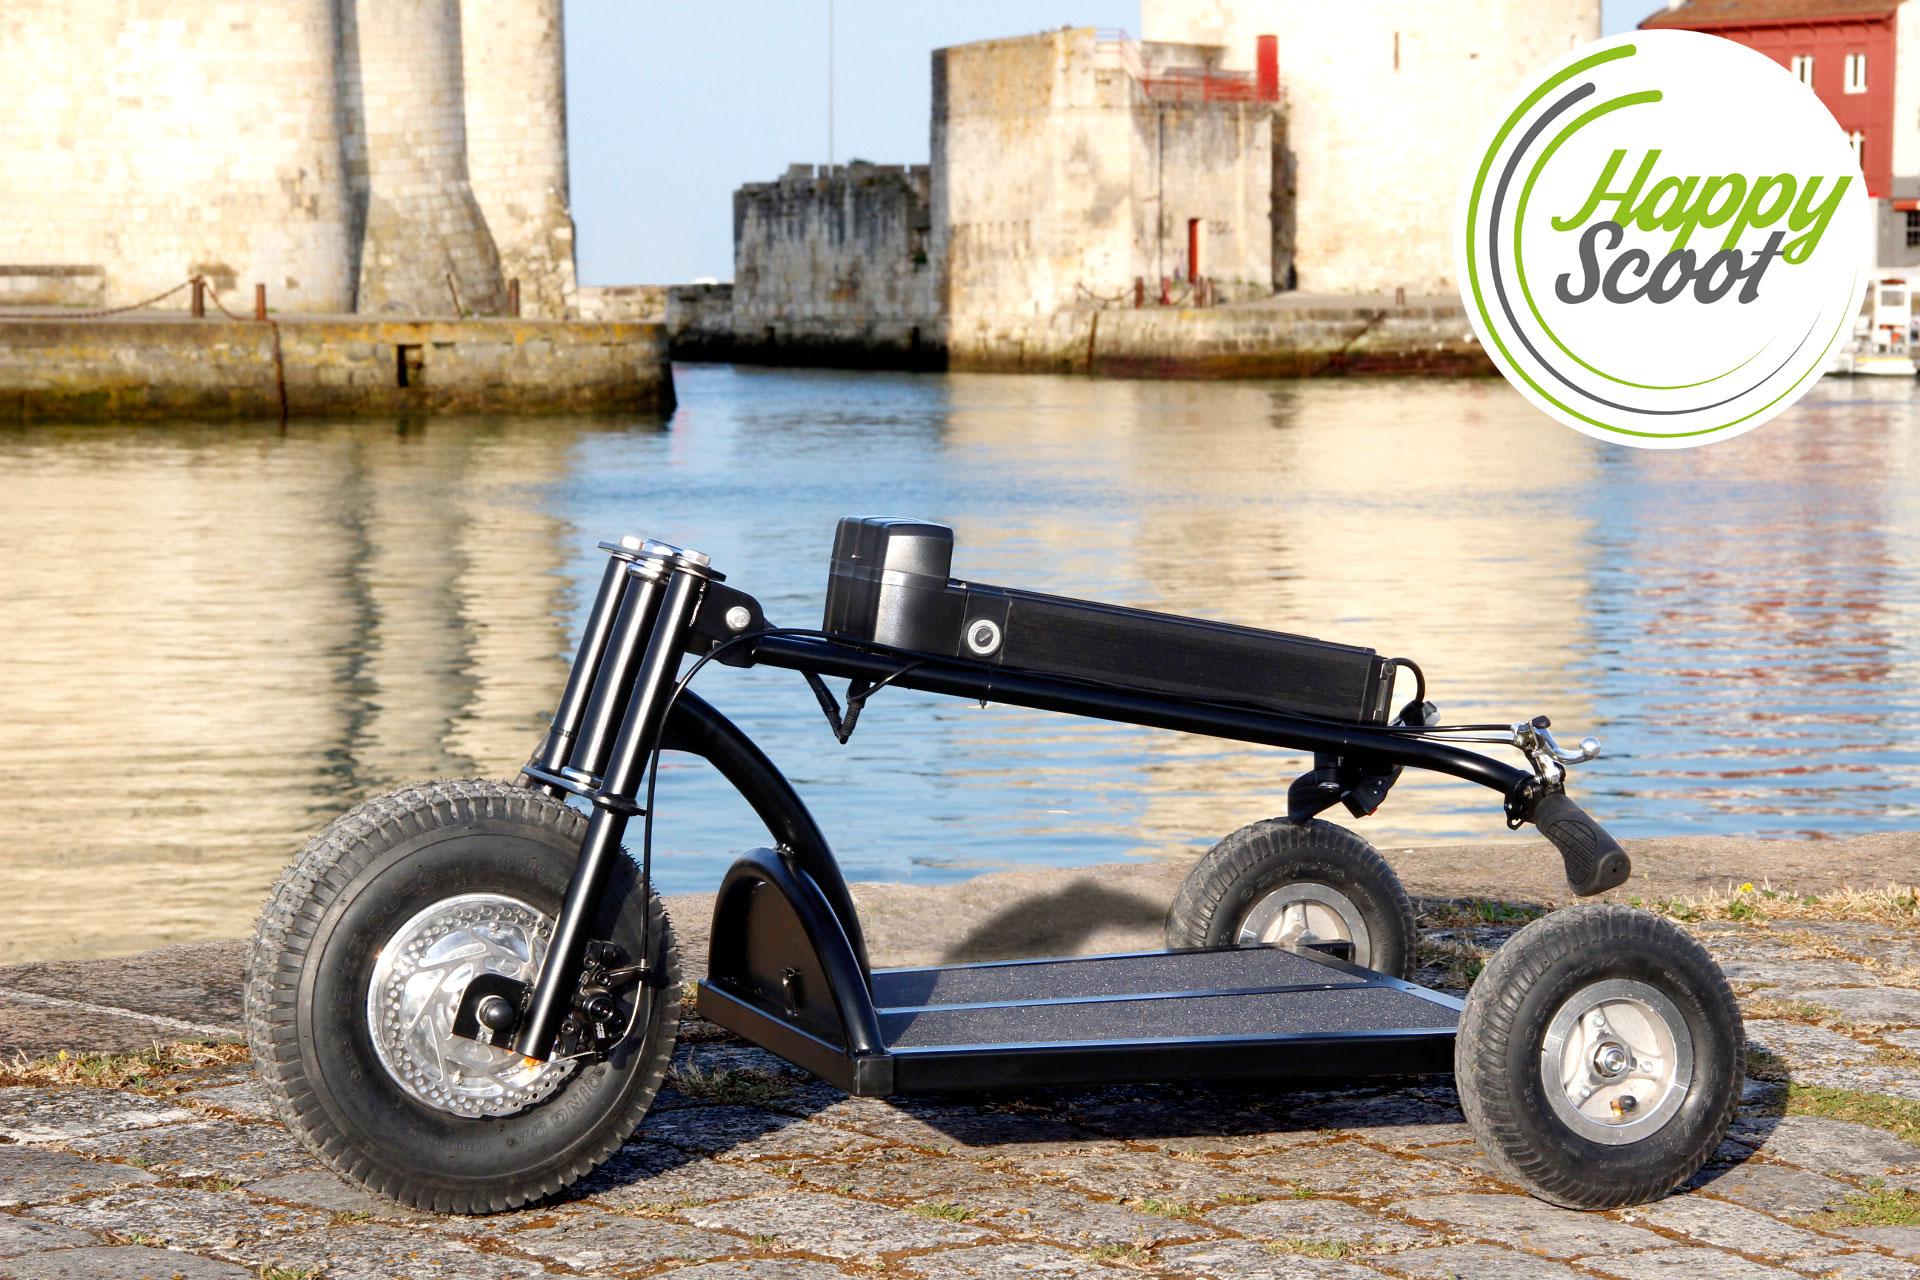 la trottinette lectrique 3 roues happy scoot fabriqu e en france mobilandgo. Black Bedroom Furniture Sets. Home Design Ideas